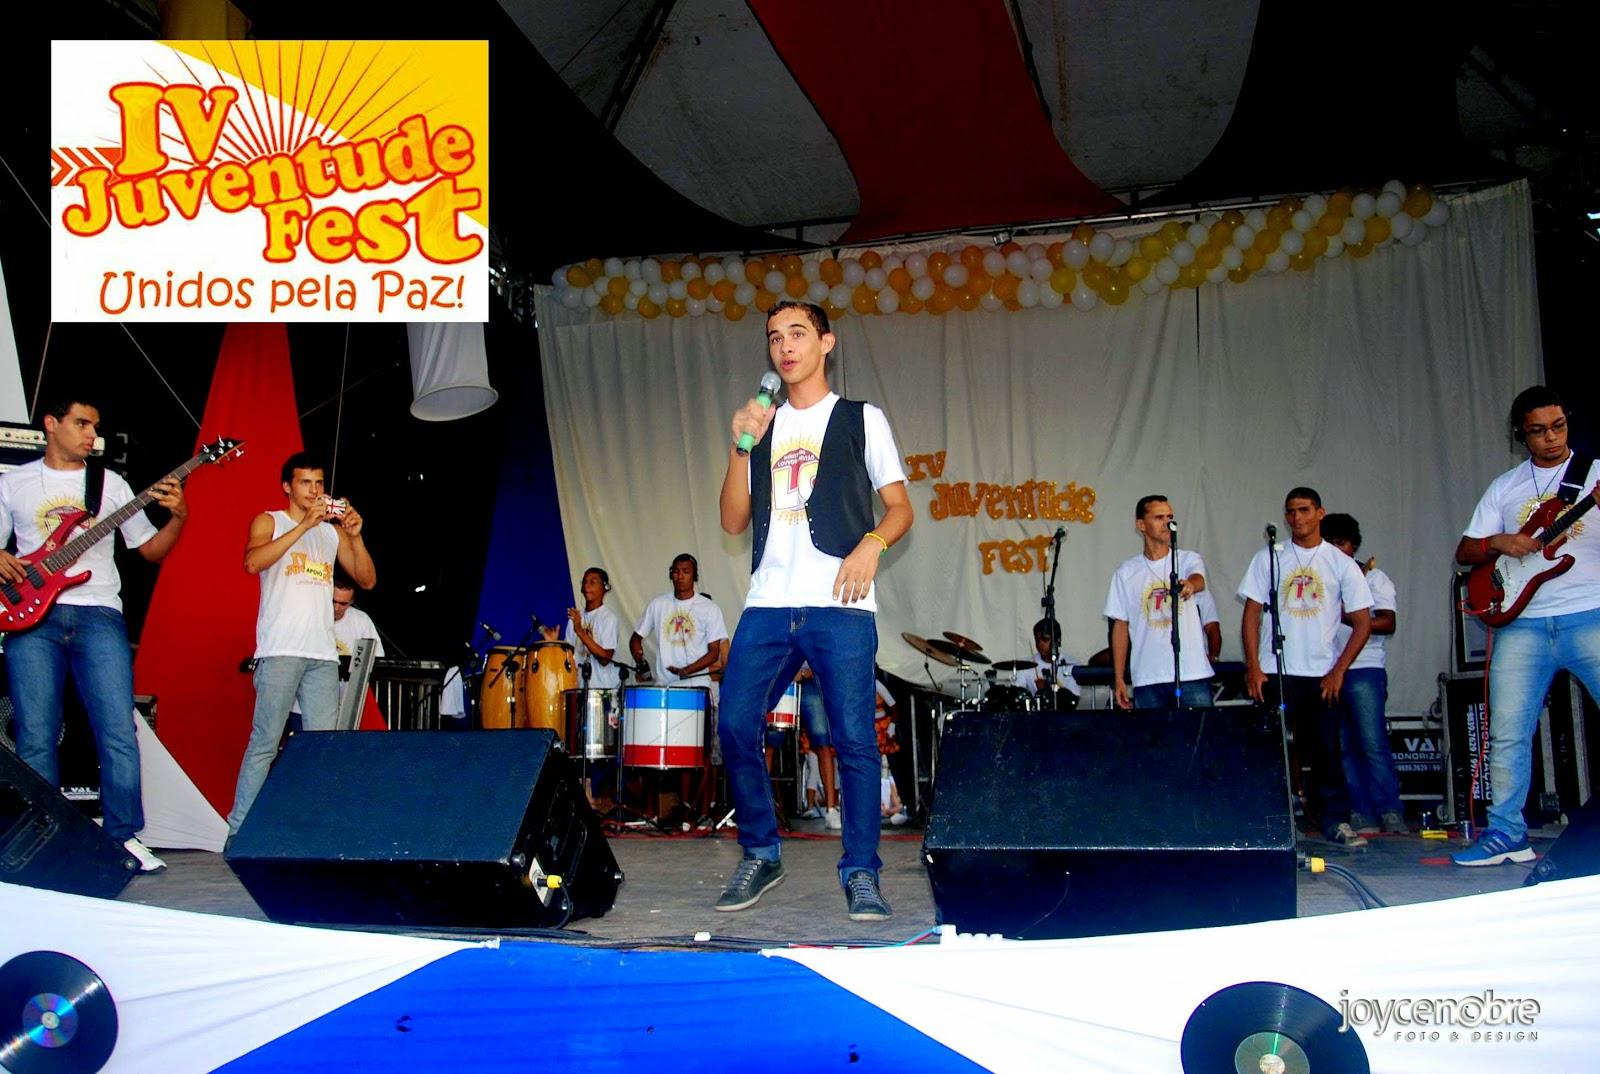 IV Juventude Fest